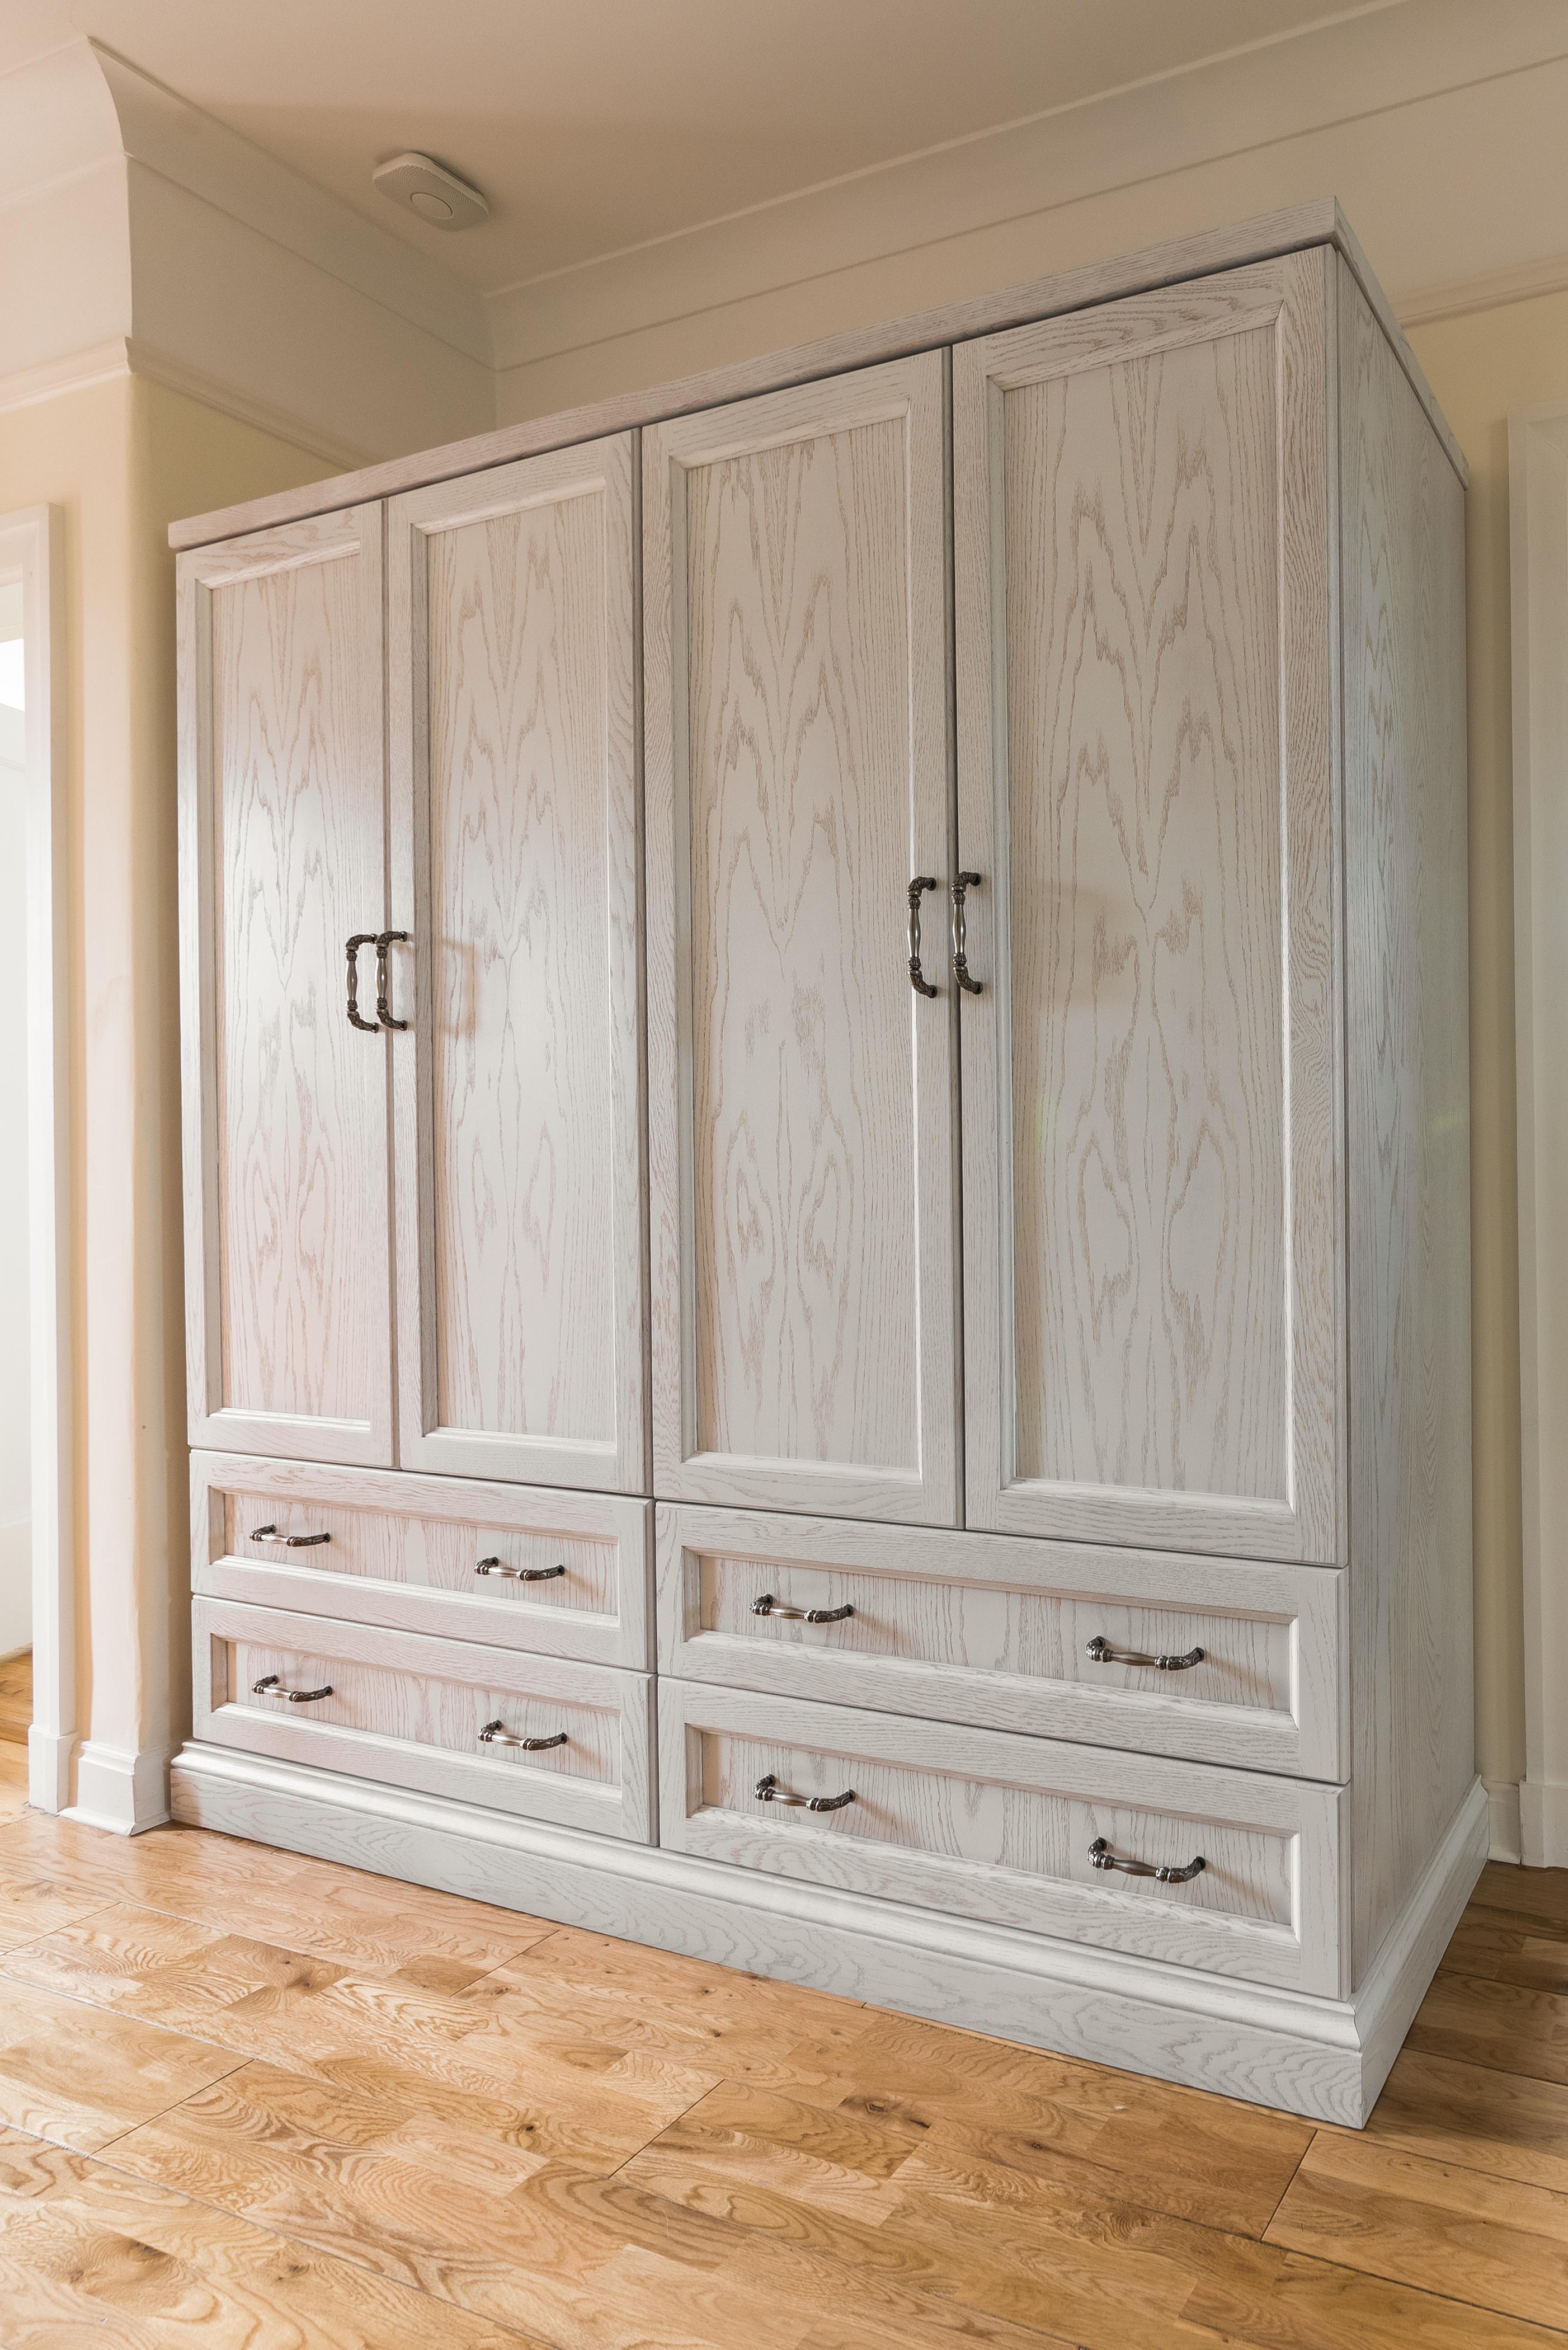 Snowy oak wardrobe